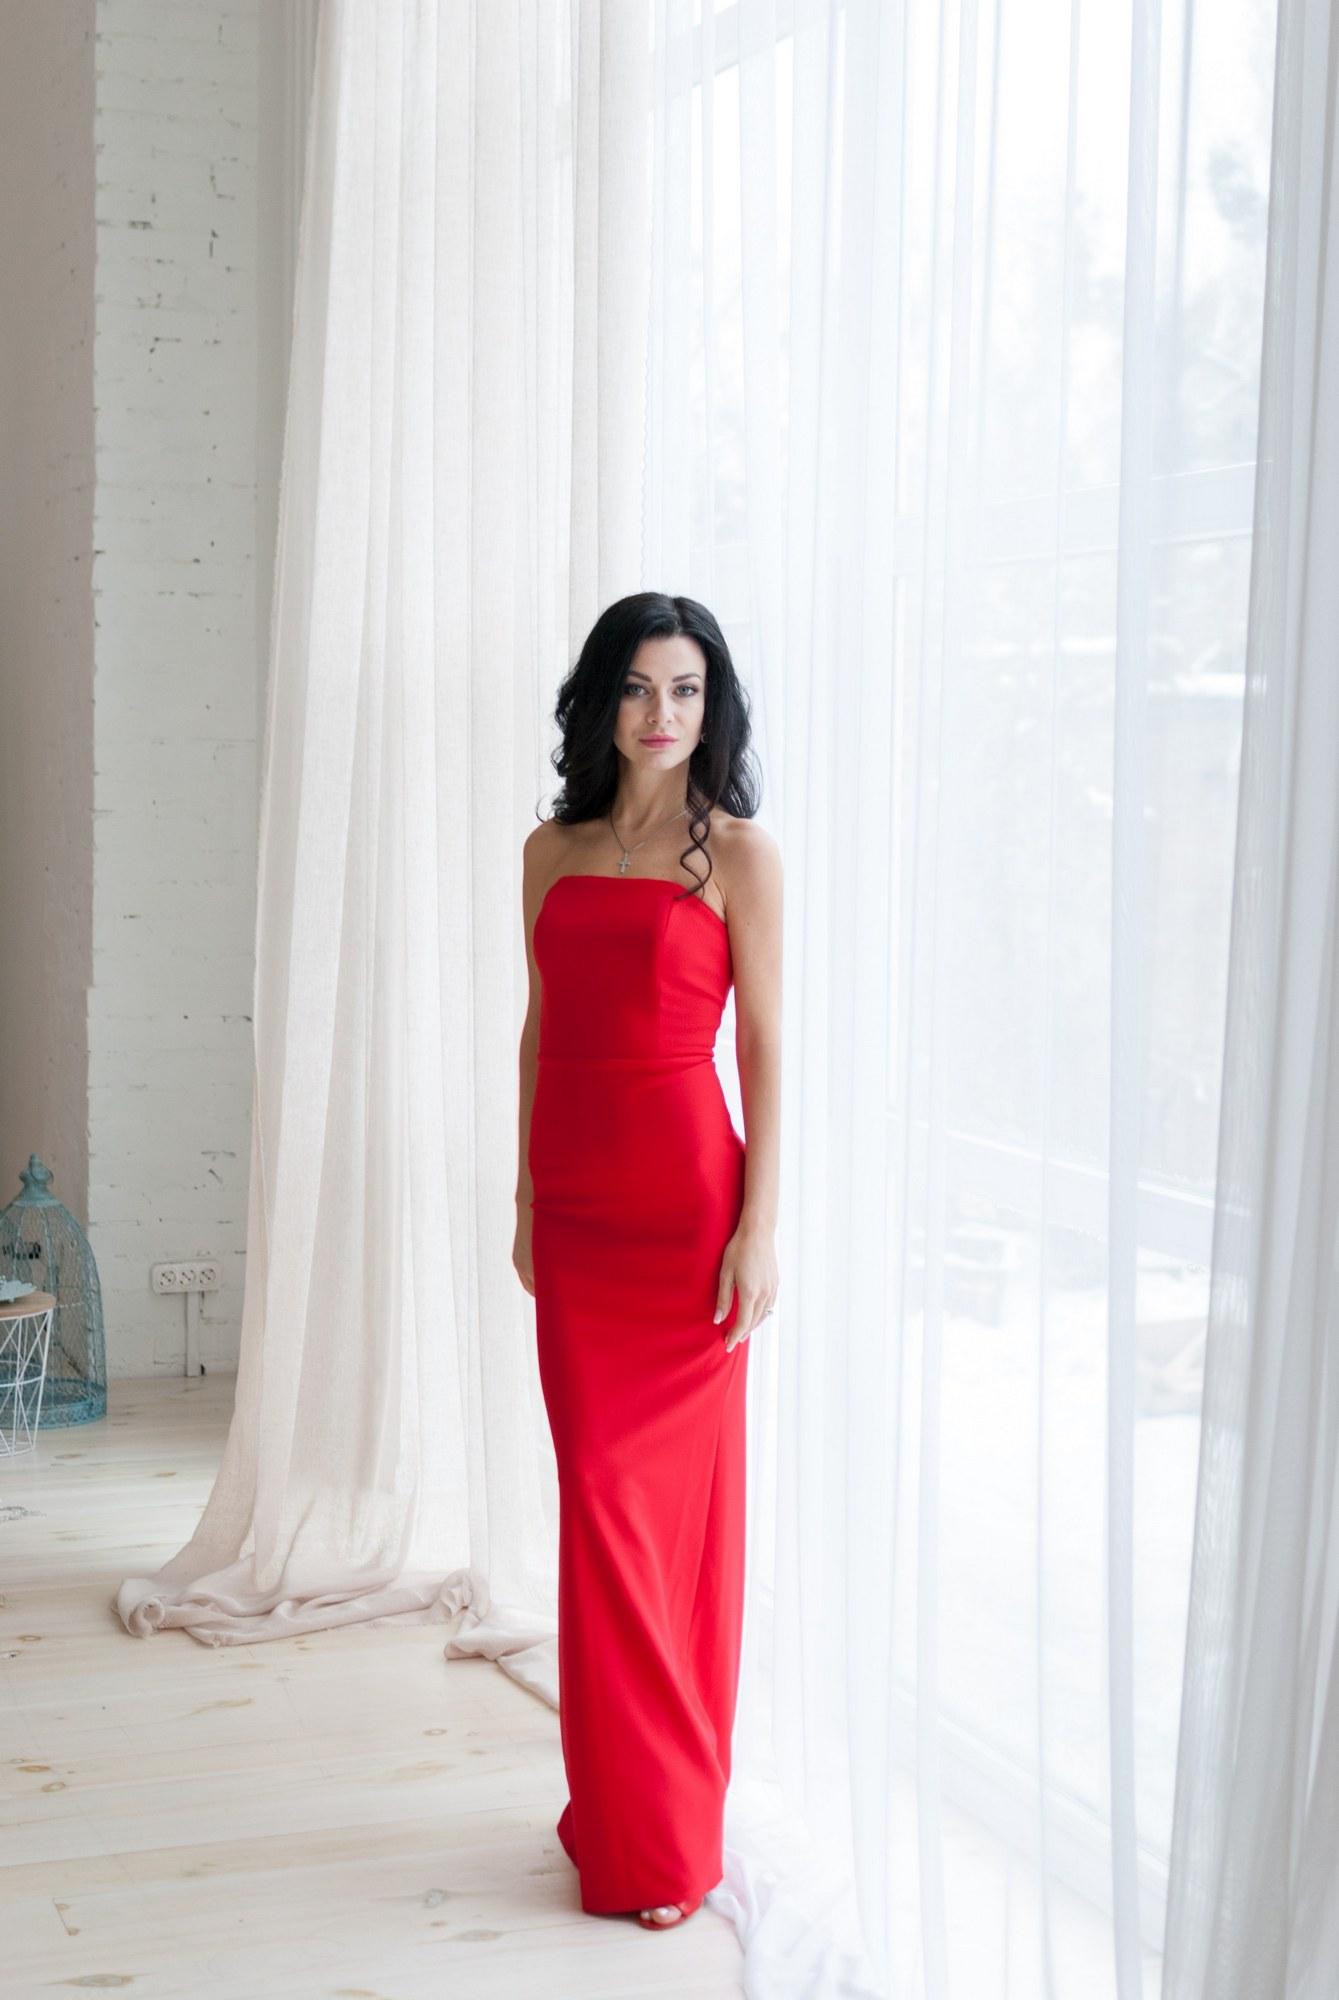 Женщина в красном платье